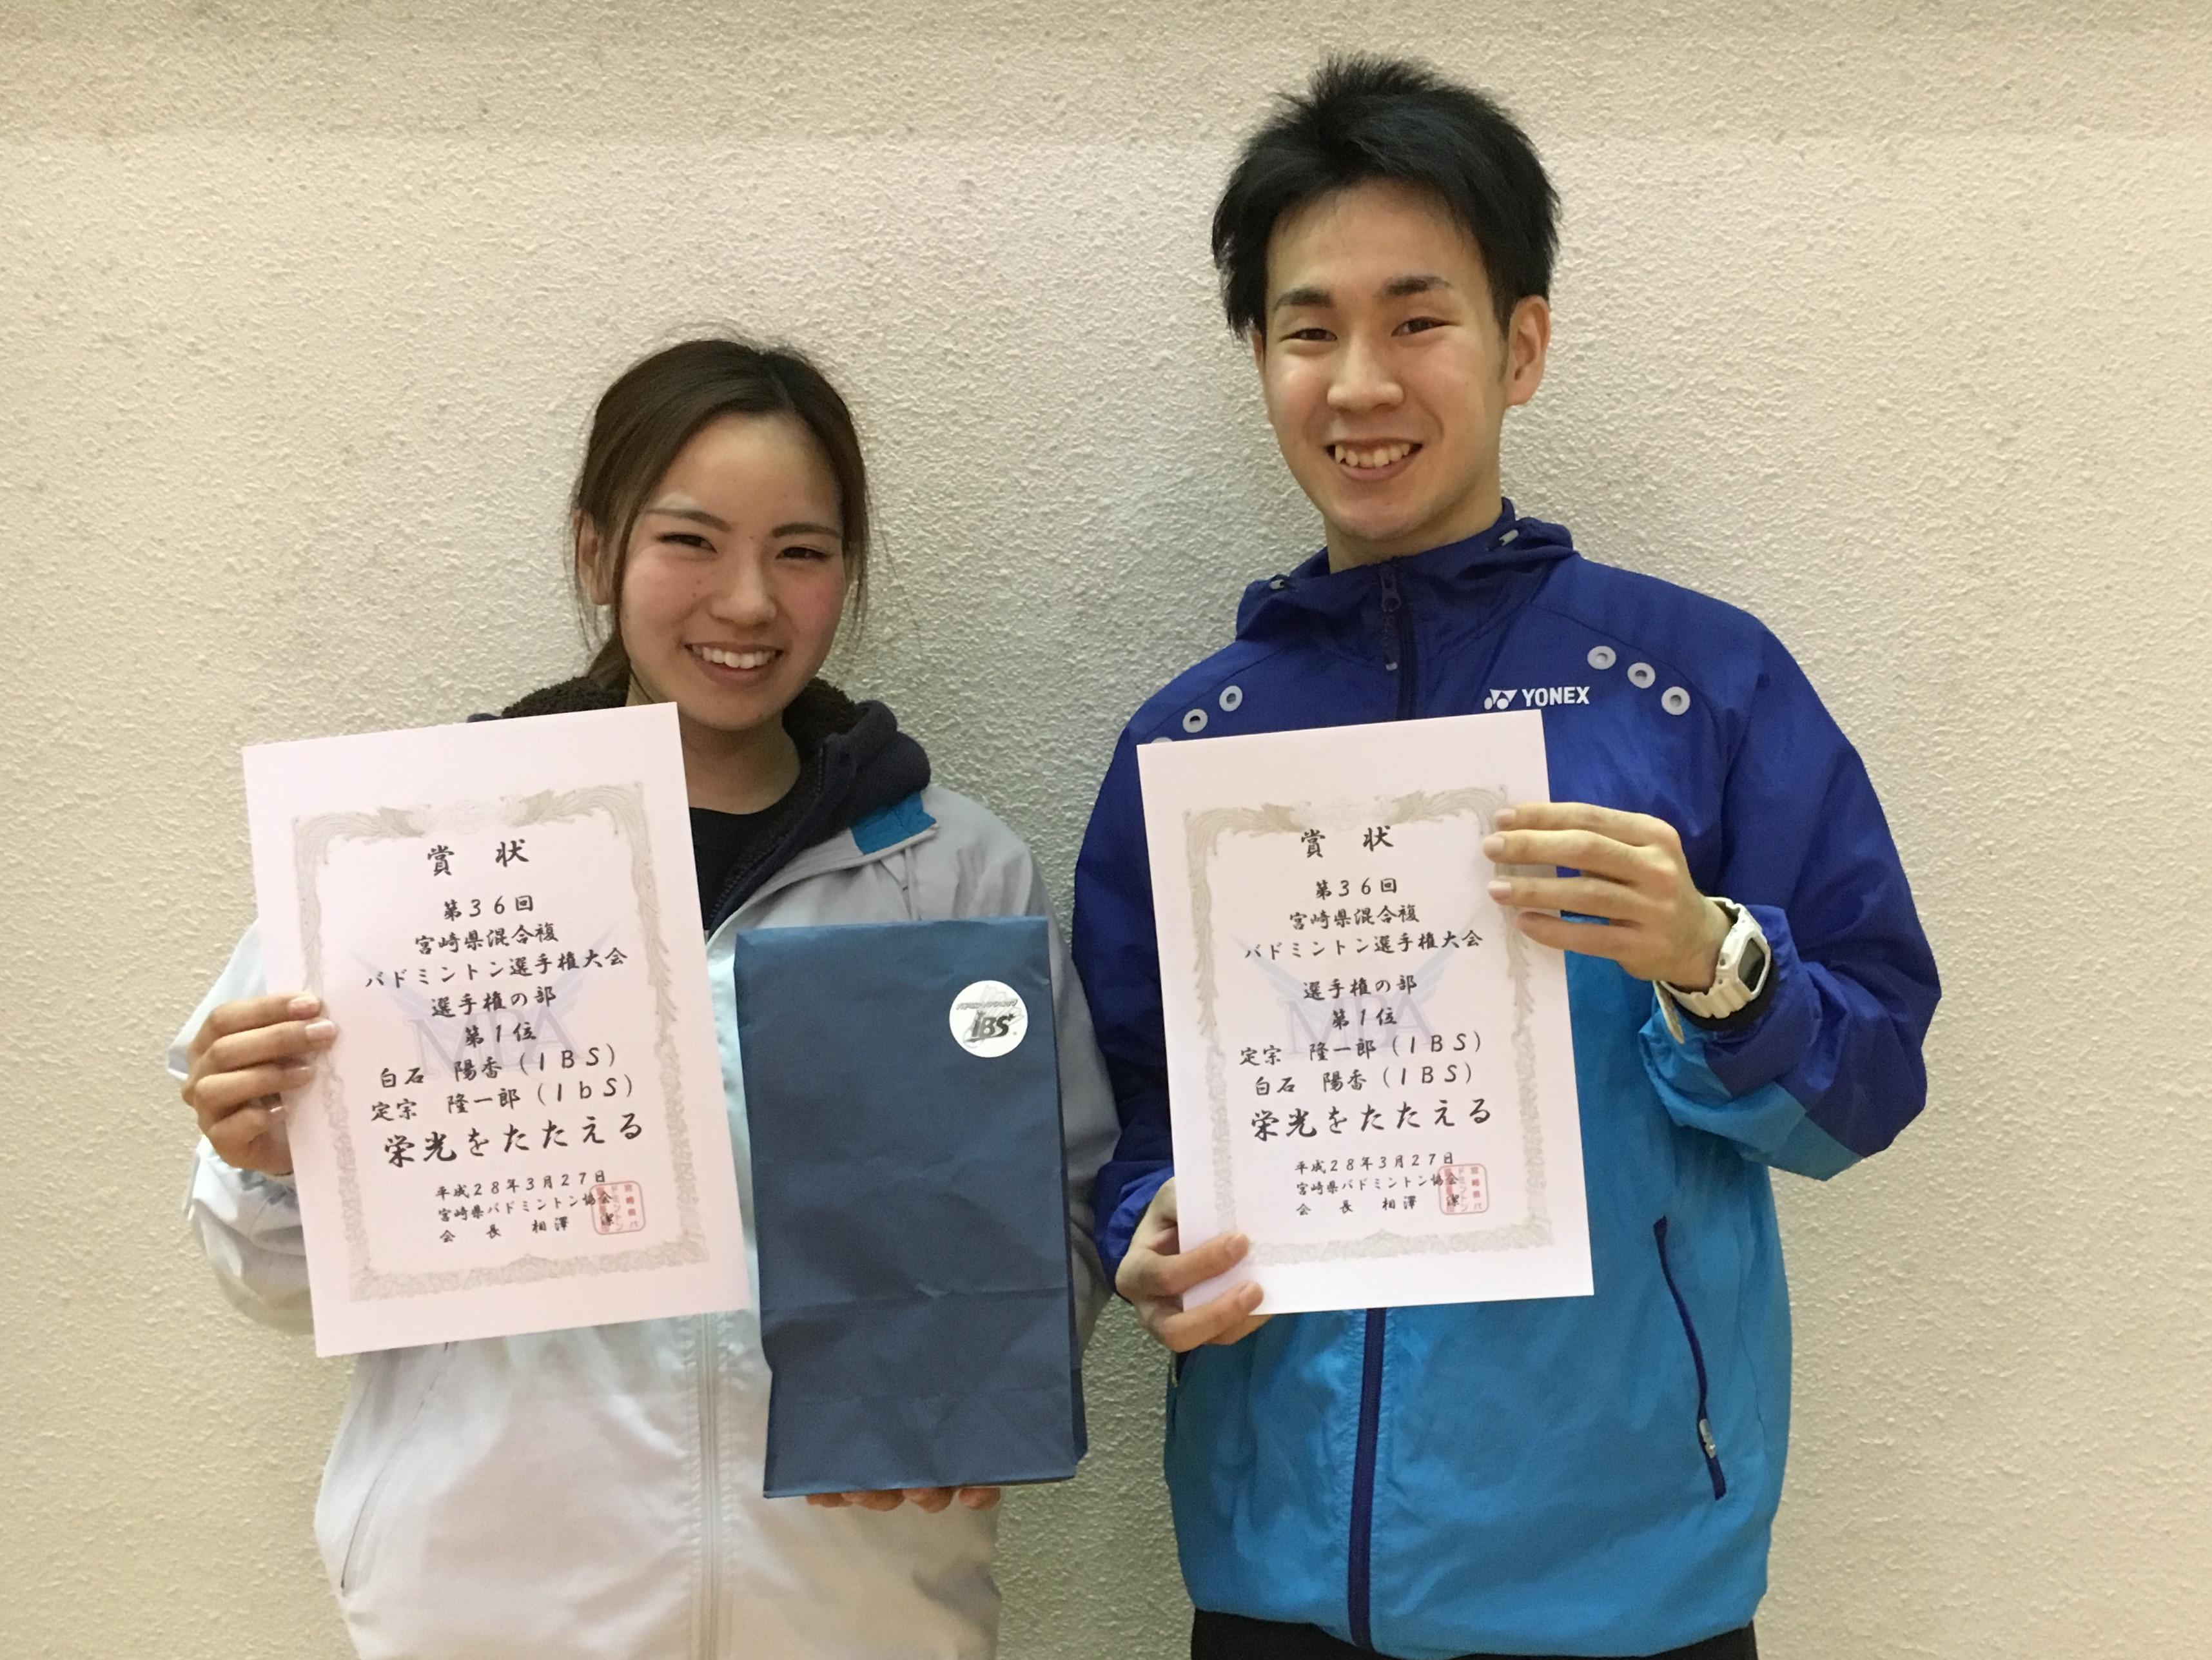 第36回宮崎県混合複バドミントン選手権大会